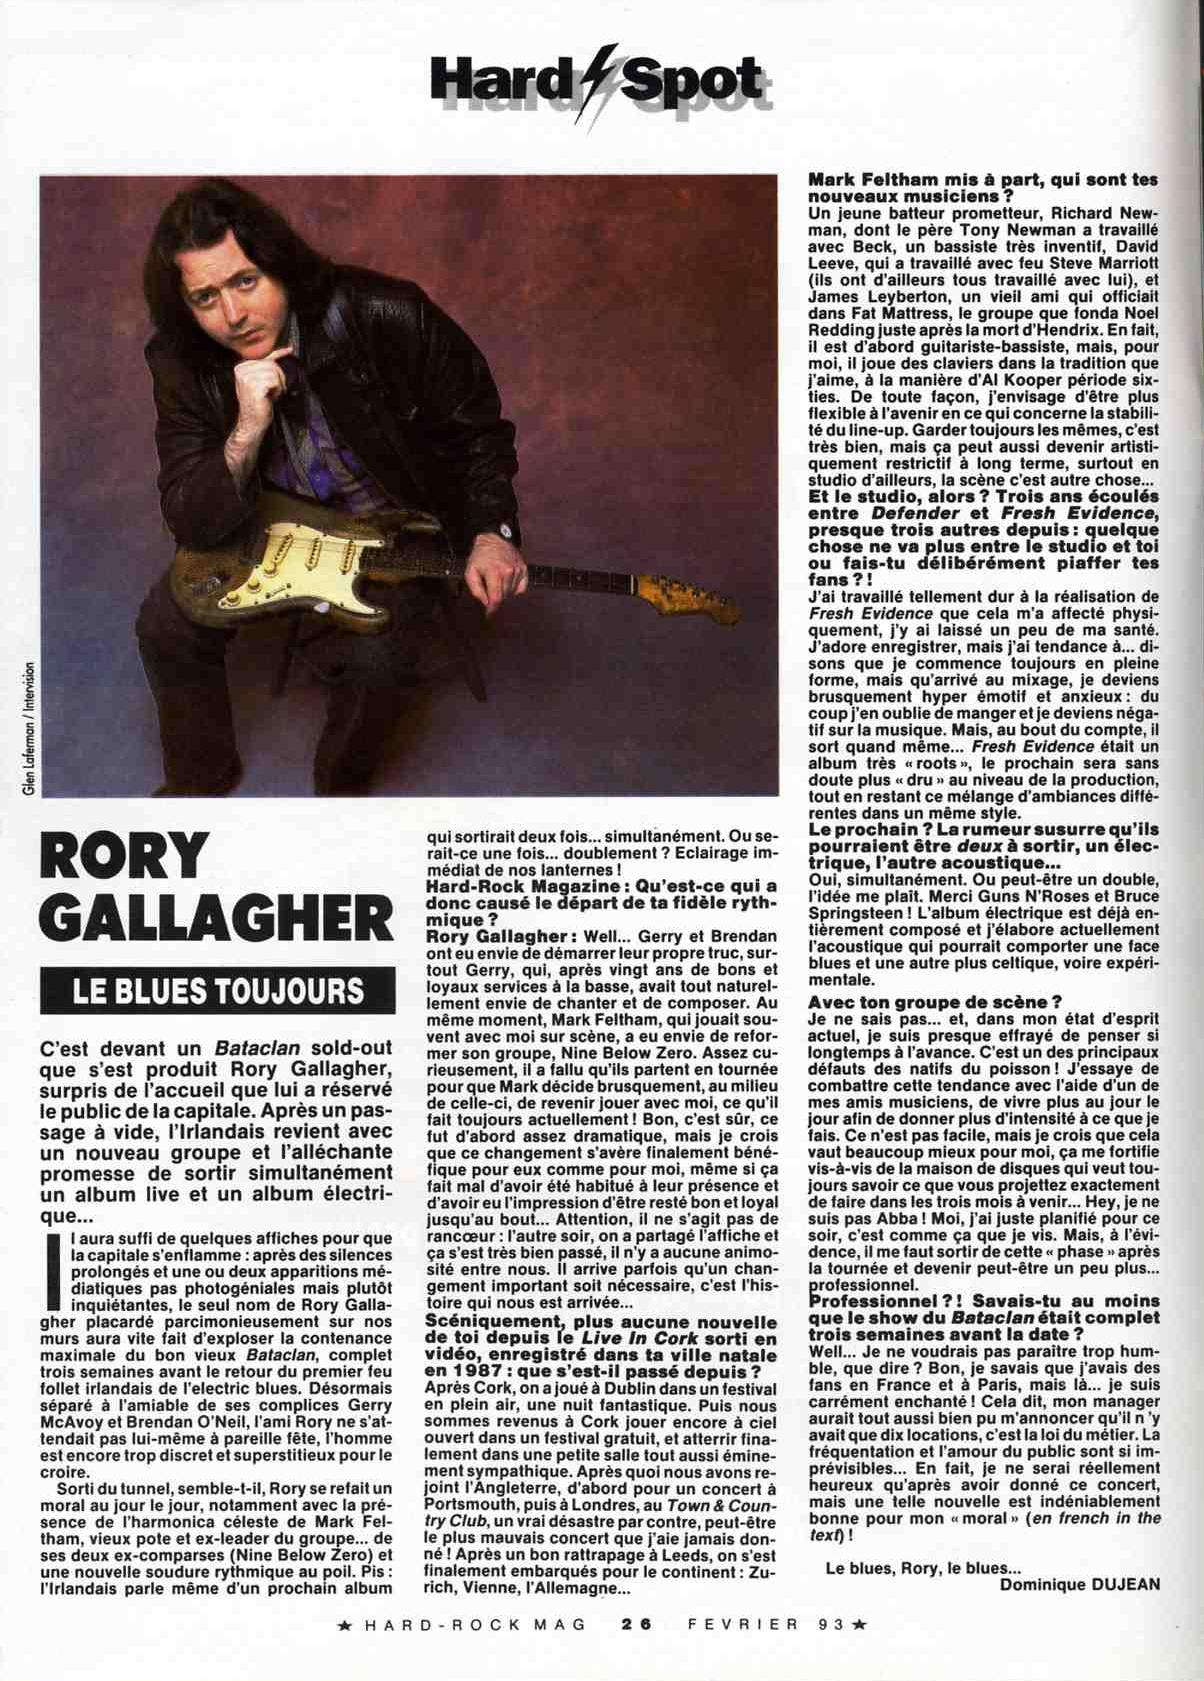 Rory dans les revues et les mags - Page 14 P26